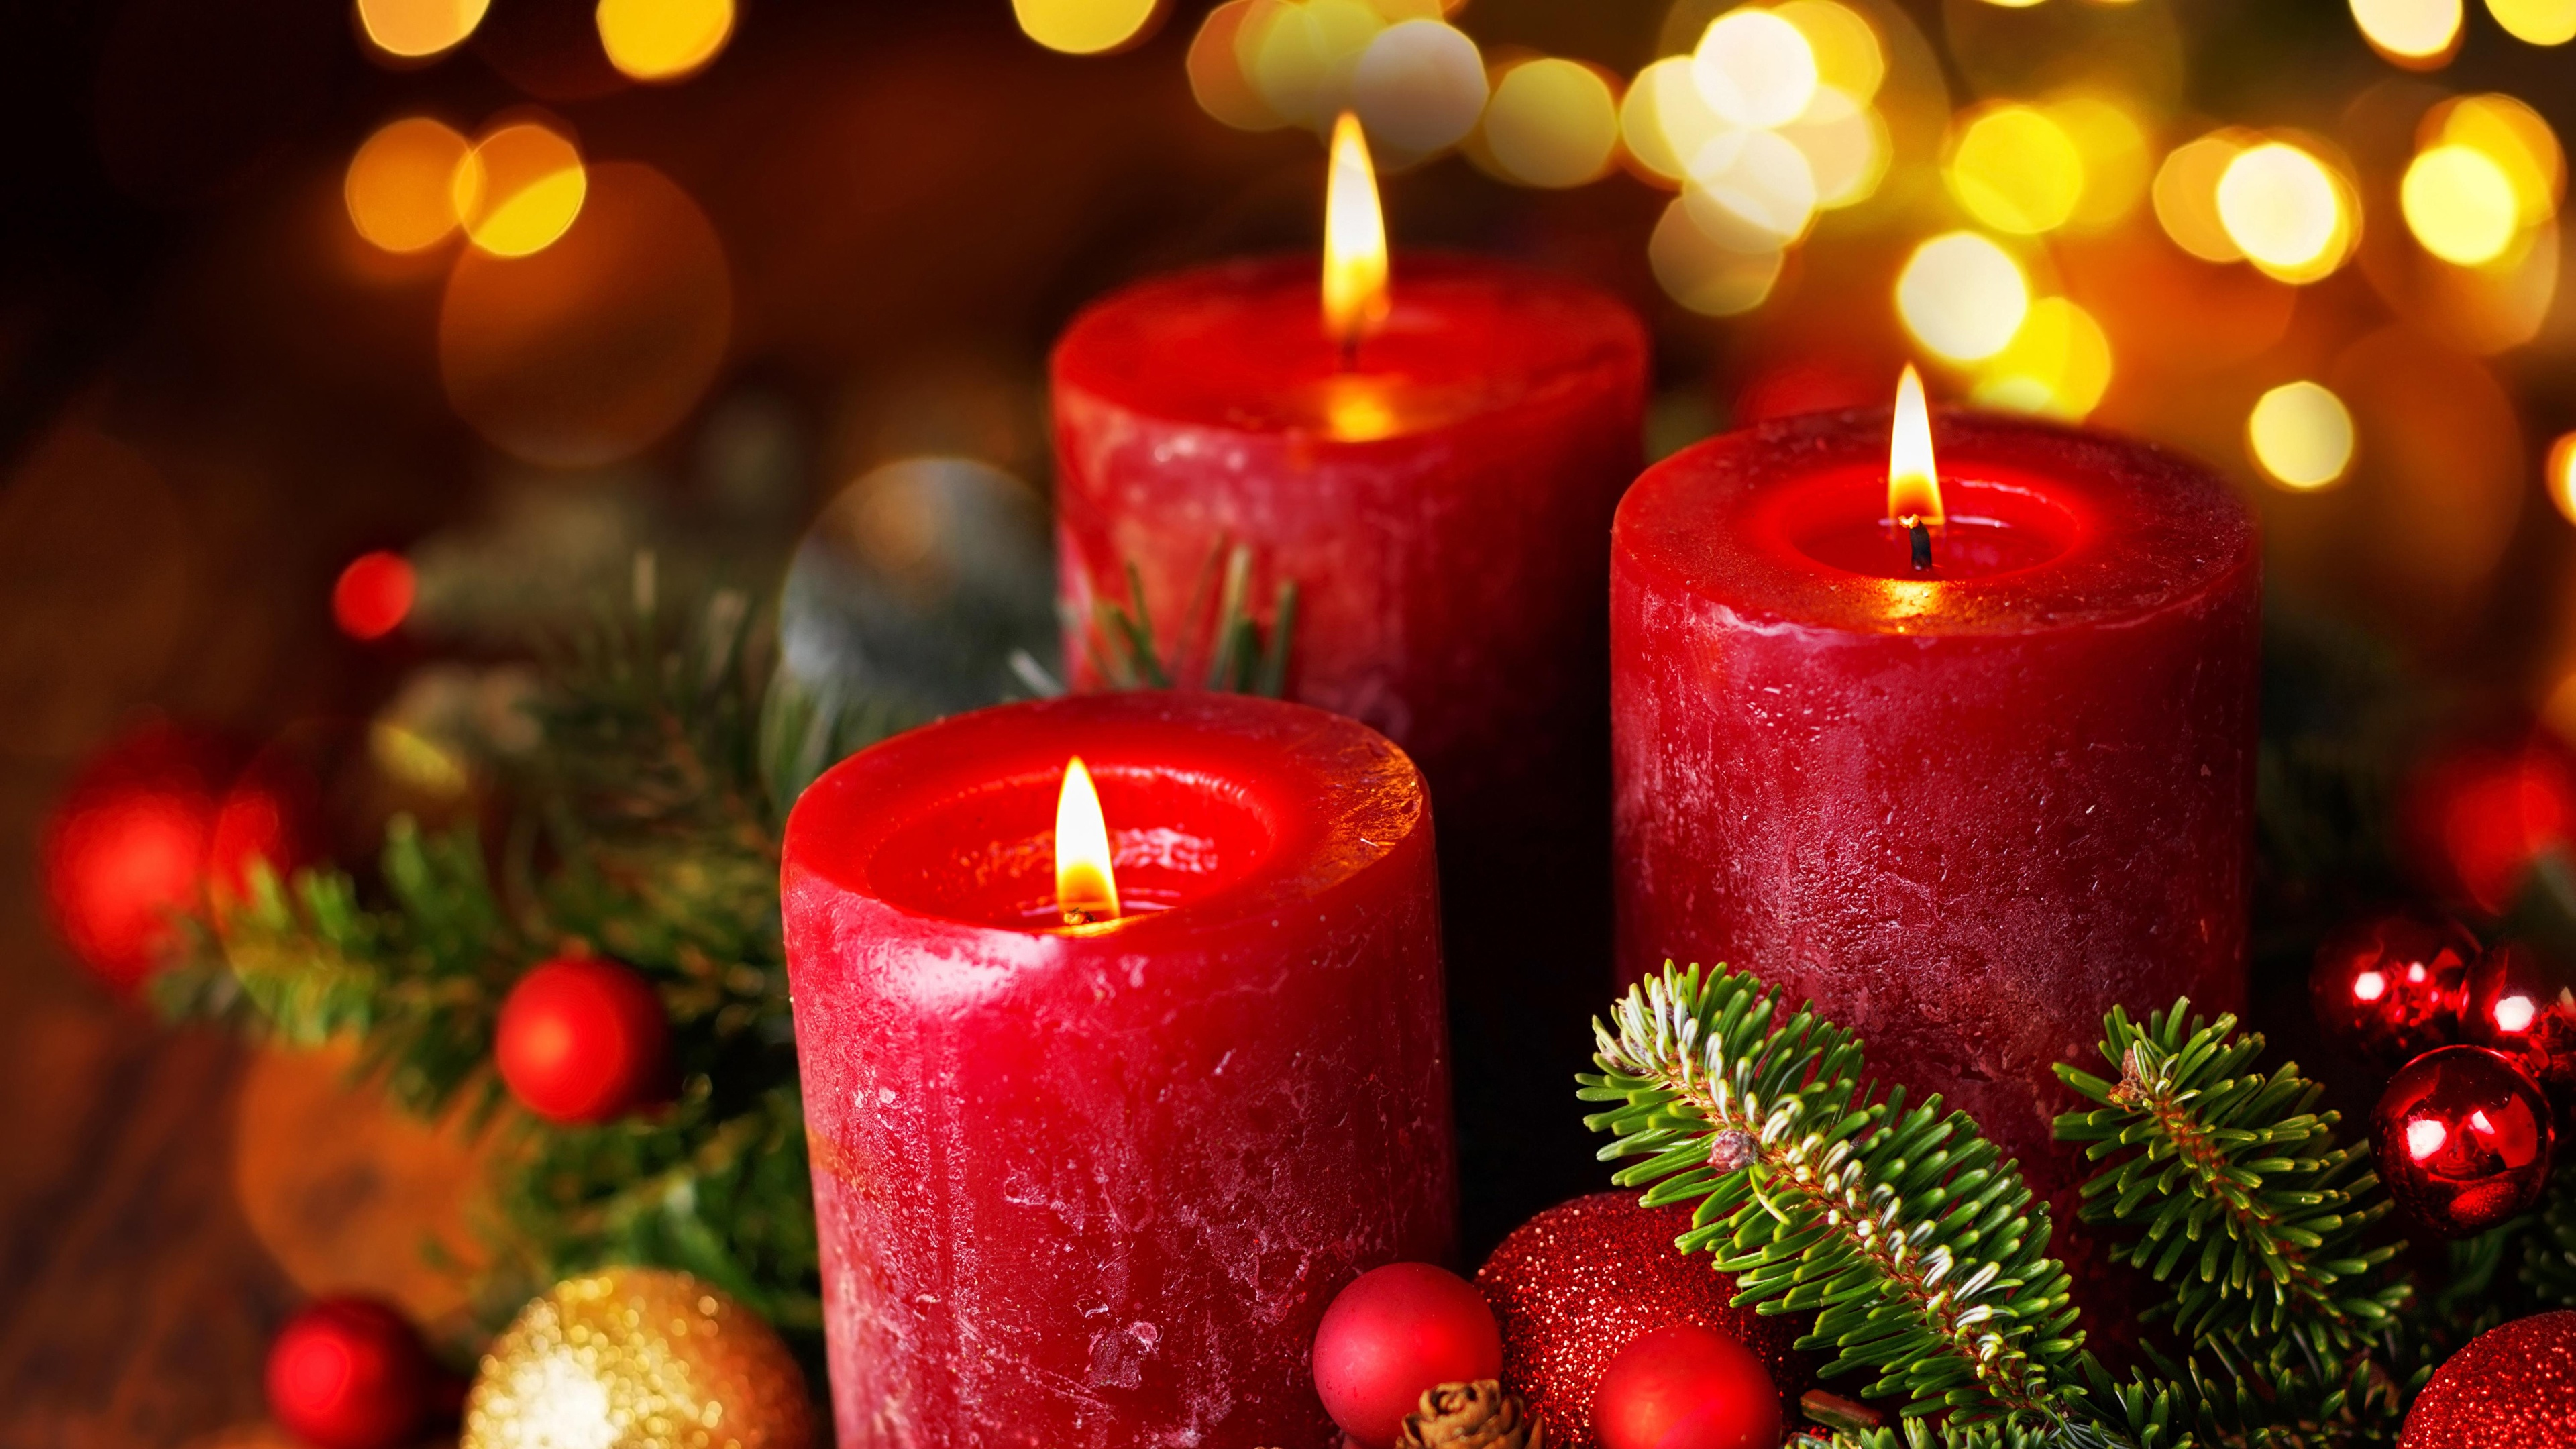 новый год, отражение, свечи, огни на телефон